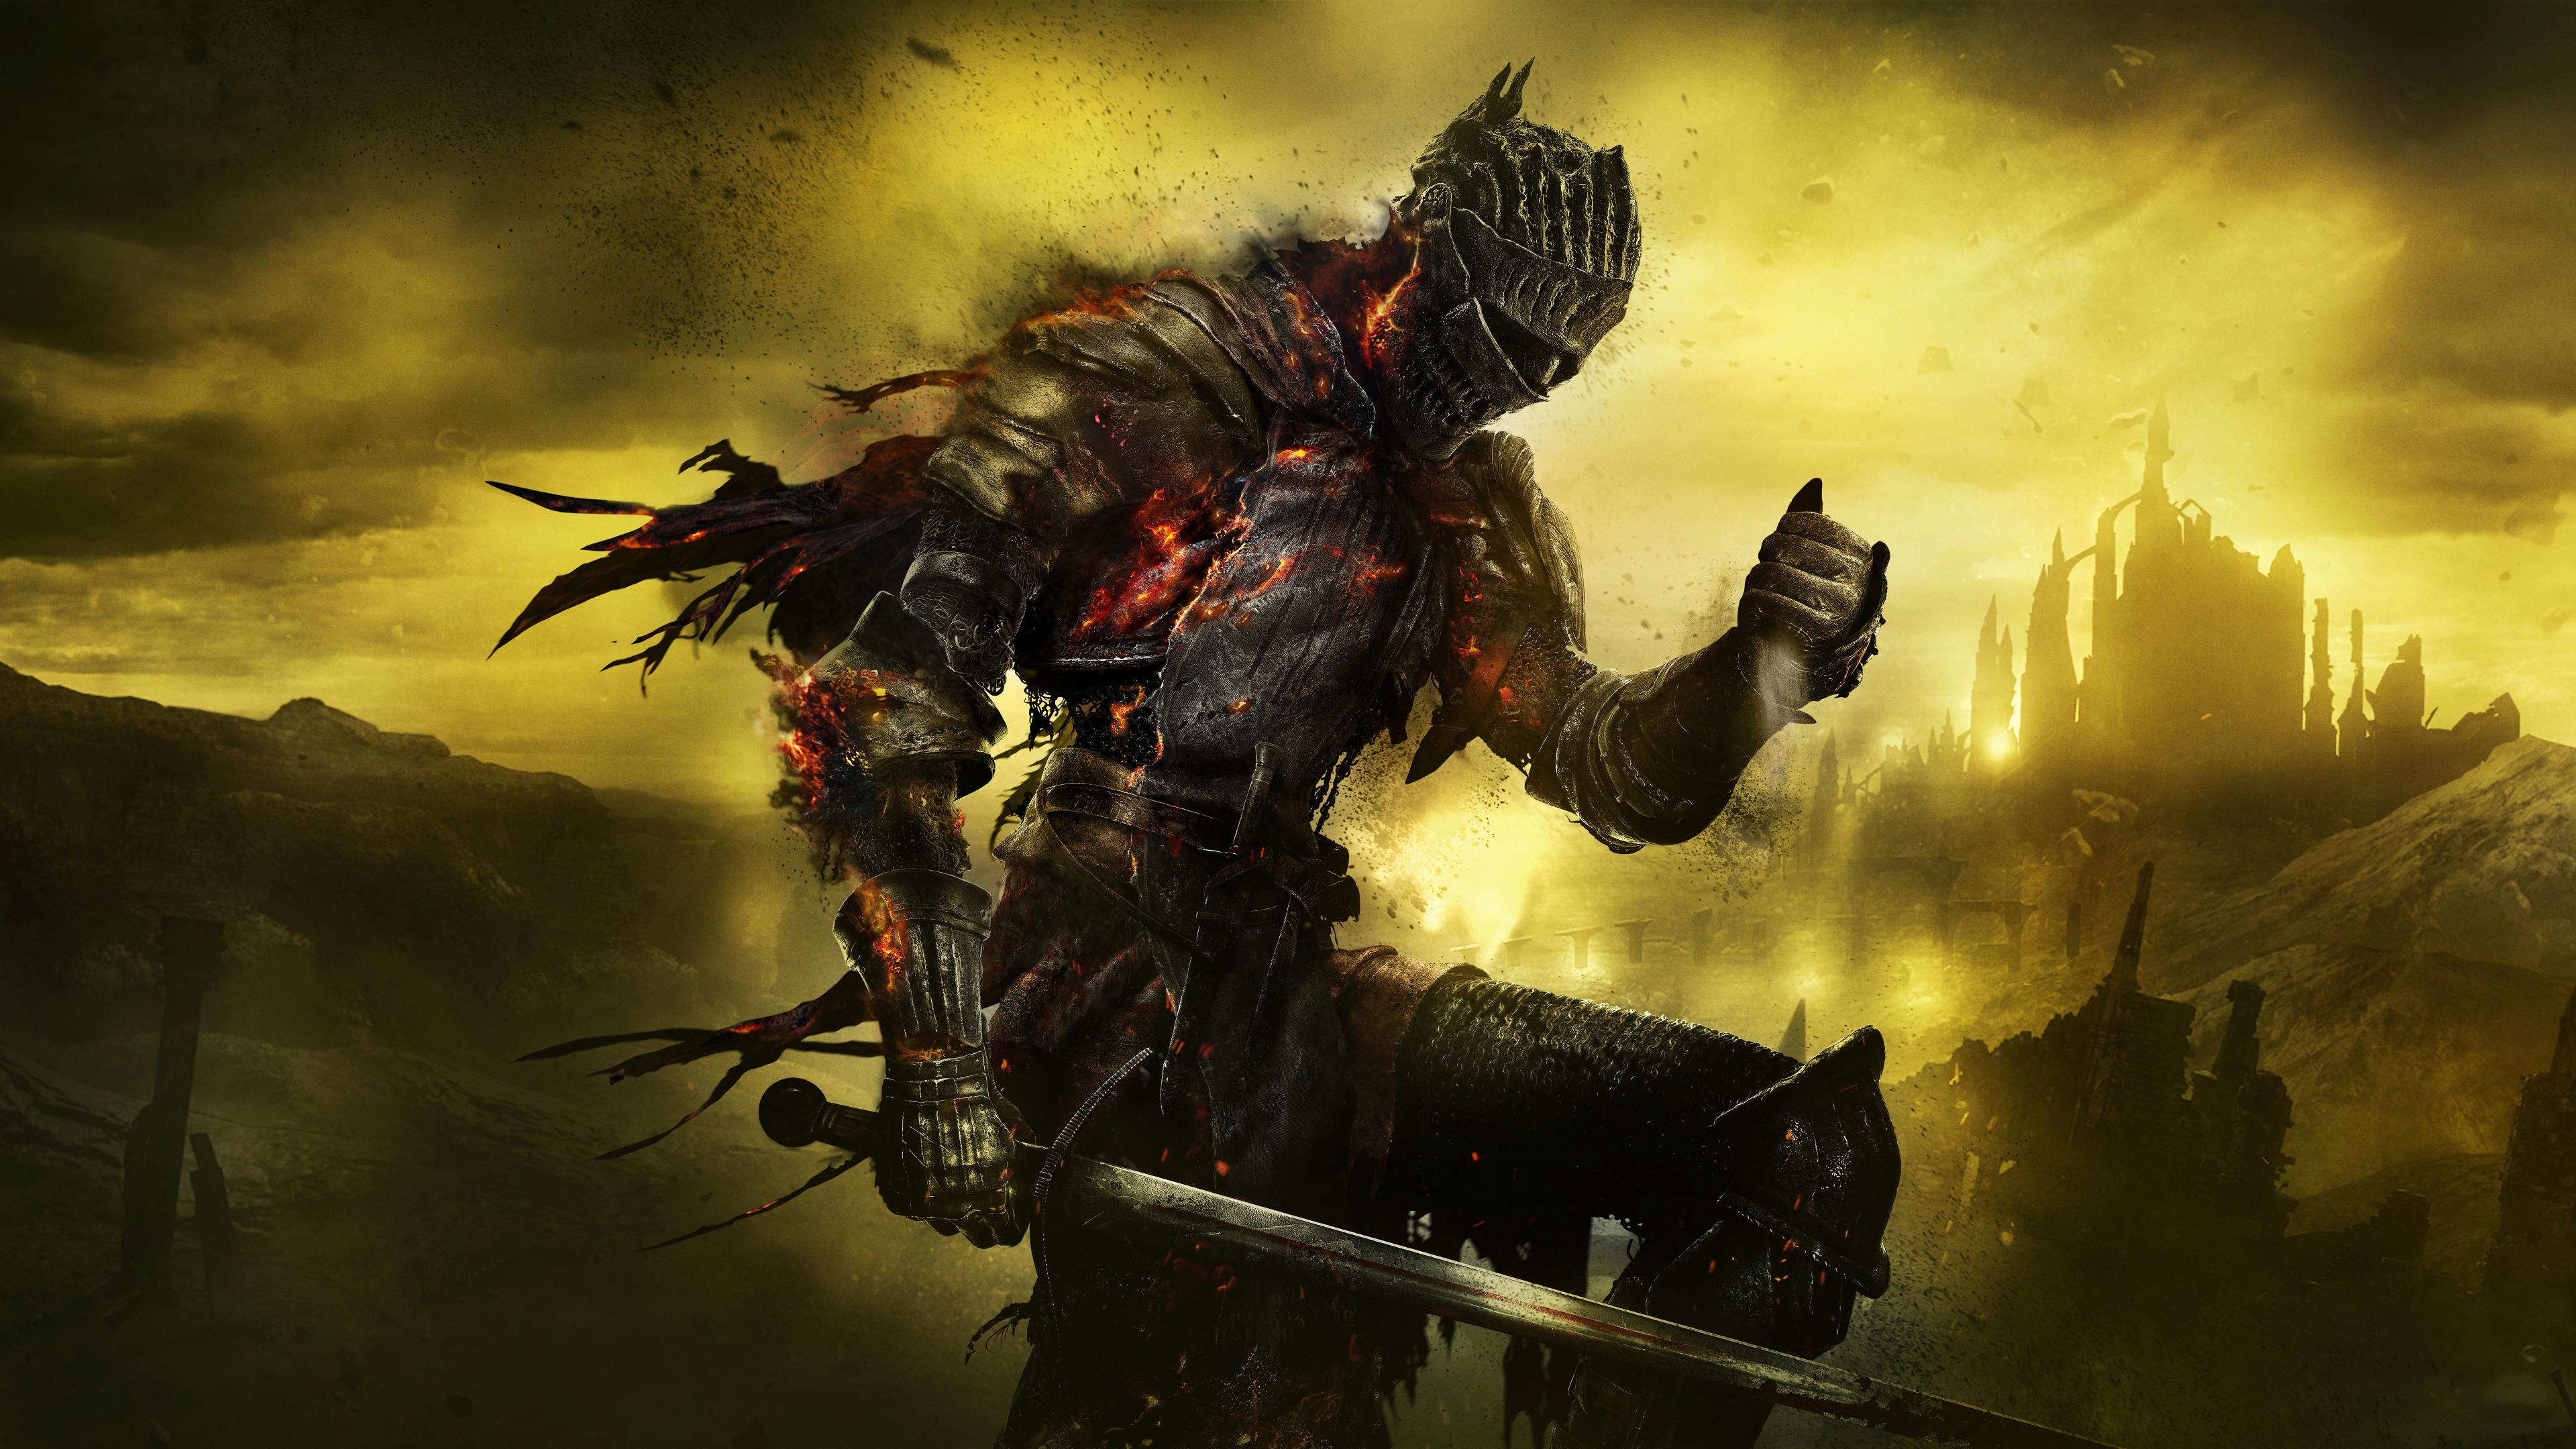 Game image slide